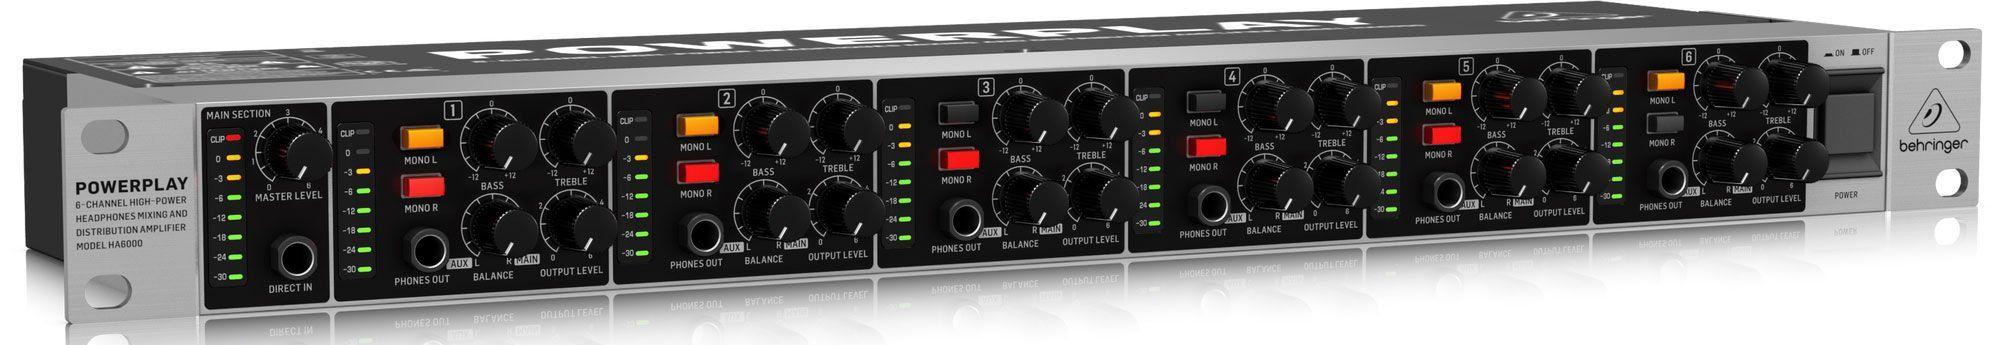 Pré Amplificador Behringer Powerplay HA6000 6 Canais